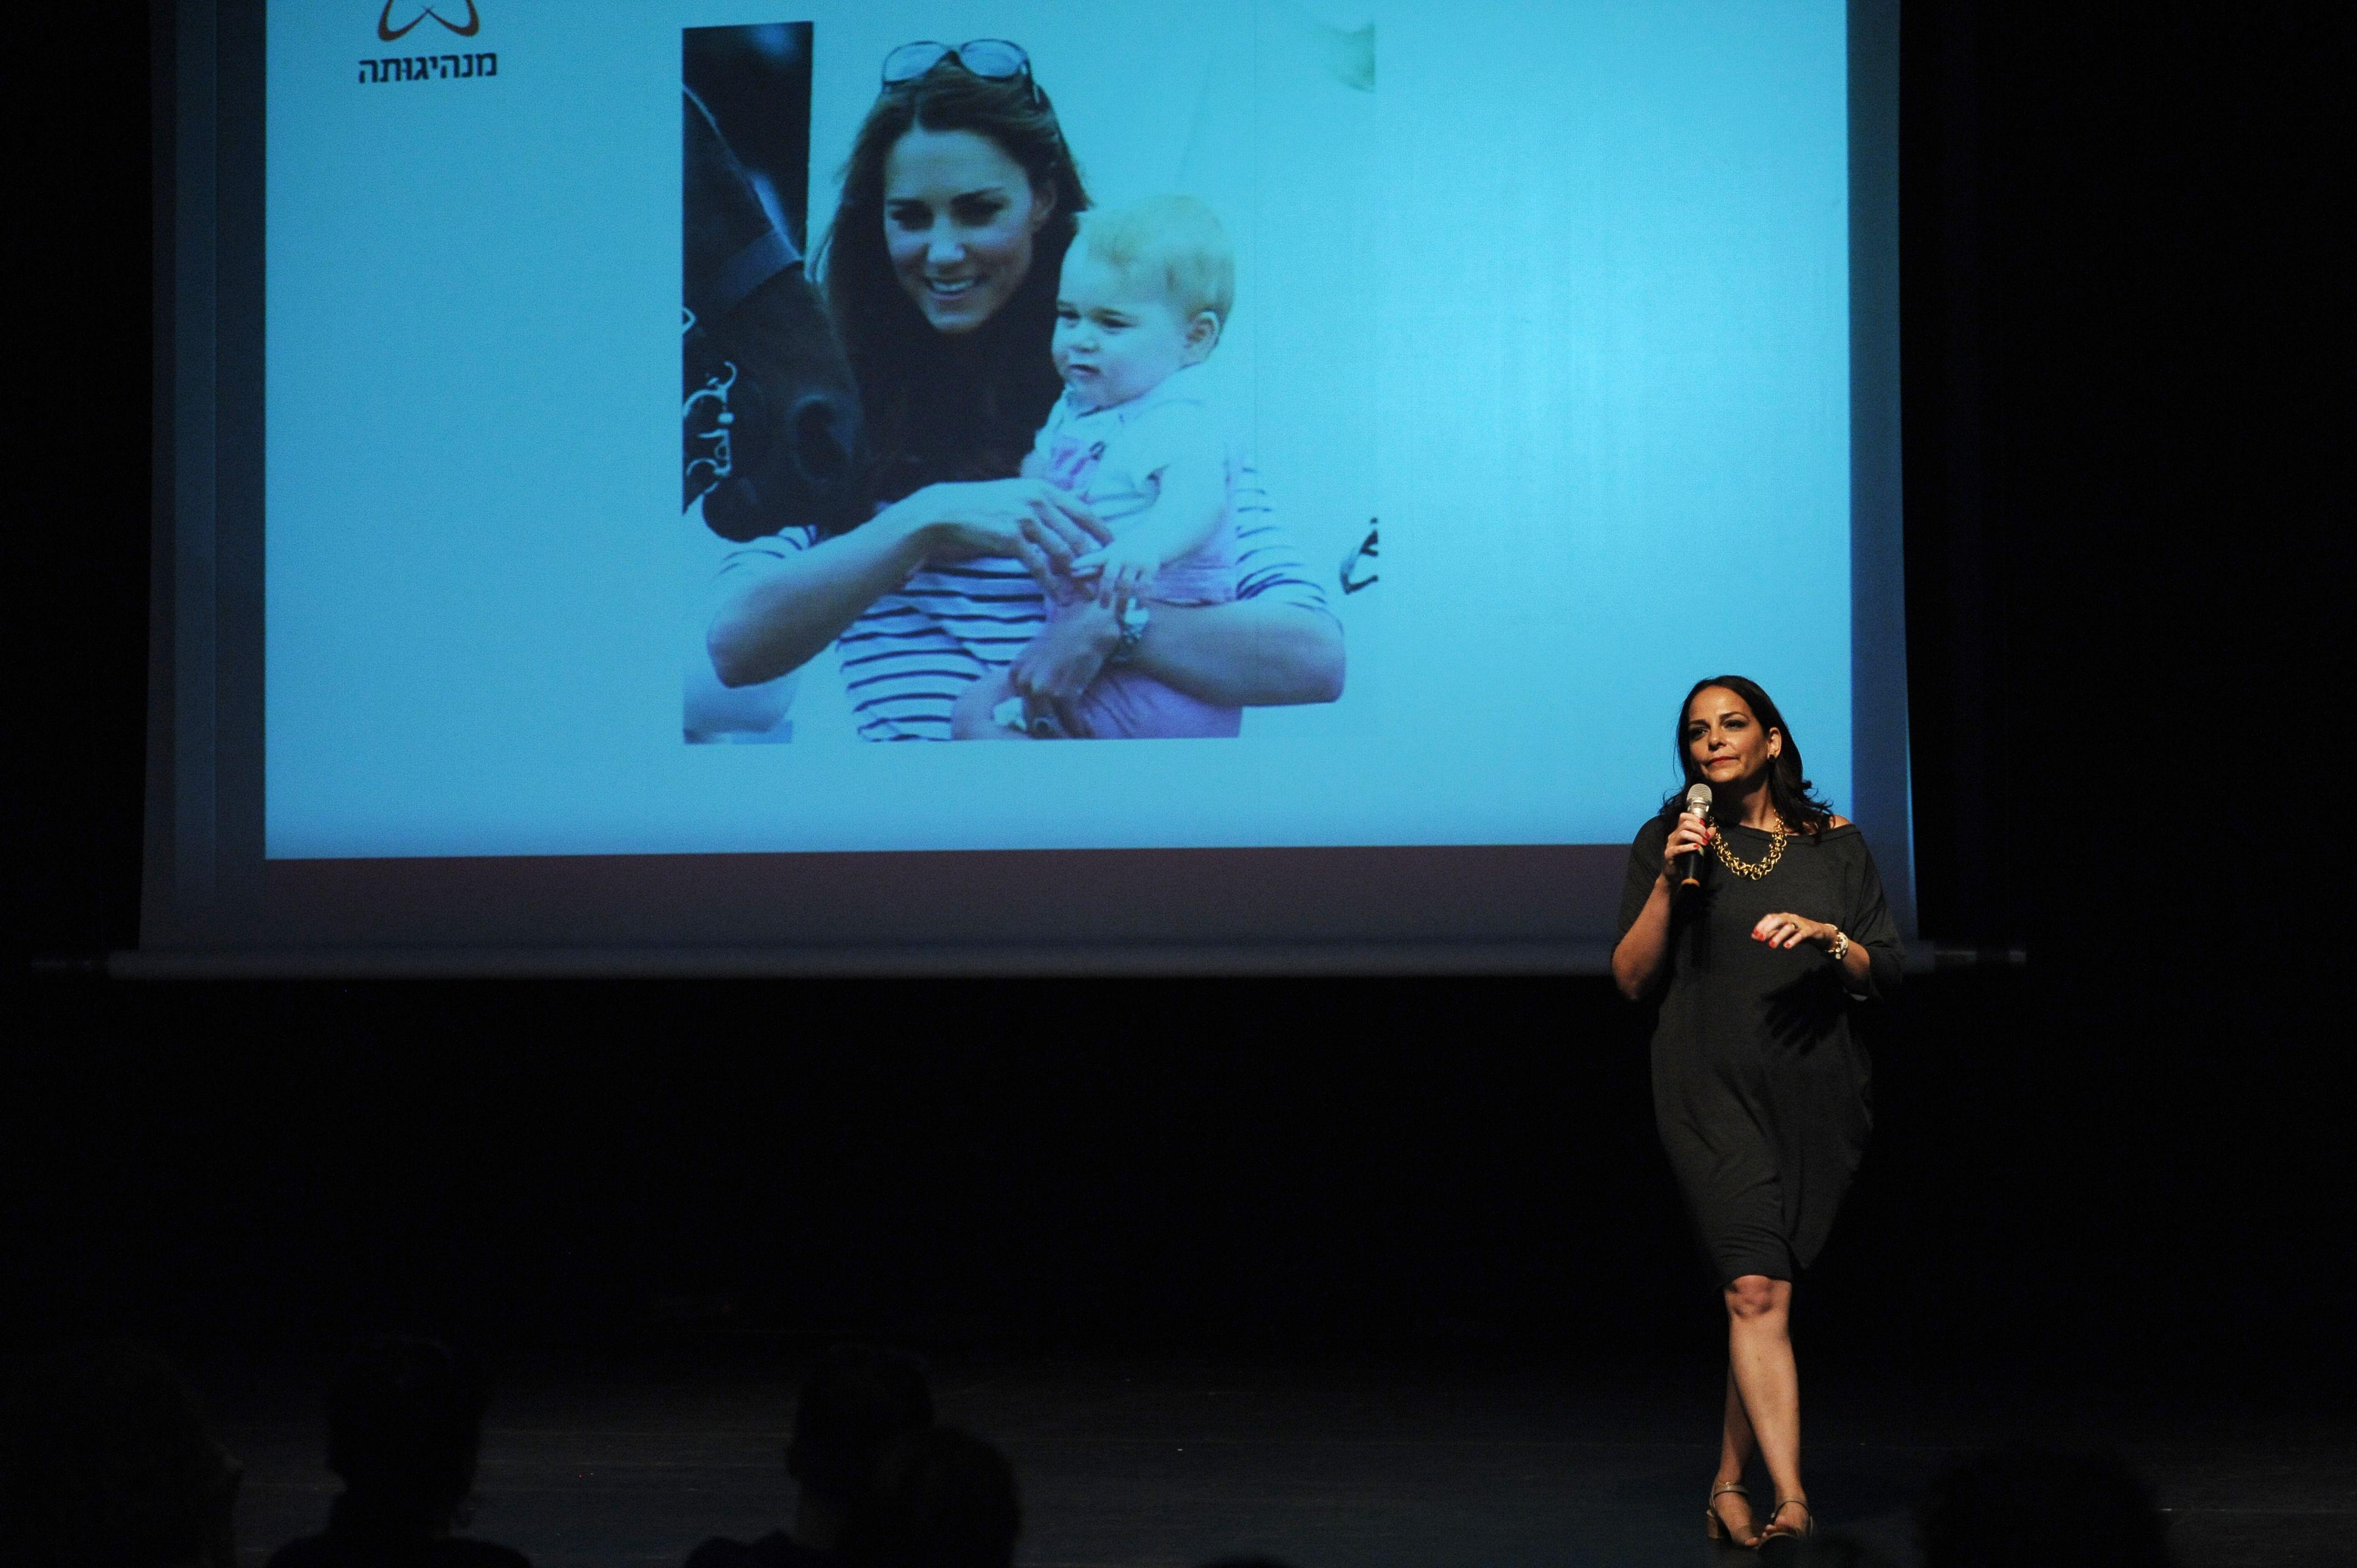 """הרצאה לצוותי חינוך בבתי ספר: מנהיגותה – חינוך מודע מגדר בכיתה ובביה""""ס"""